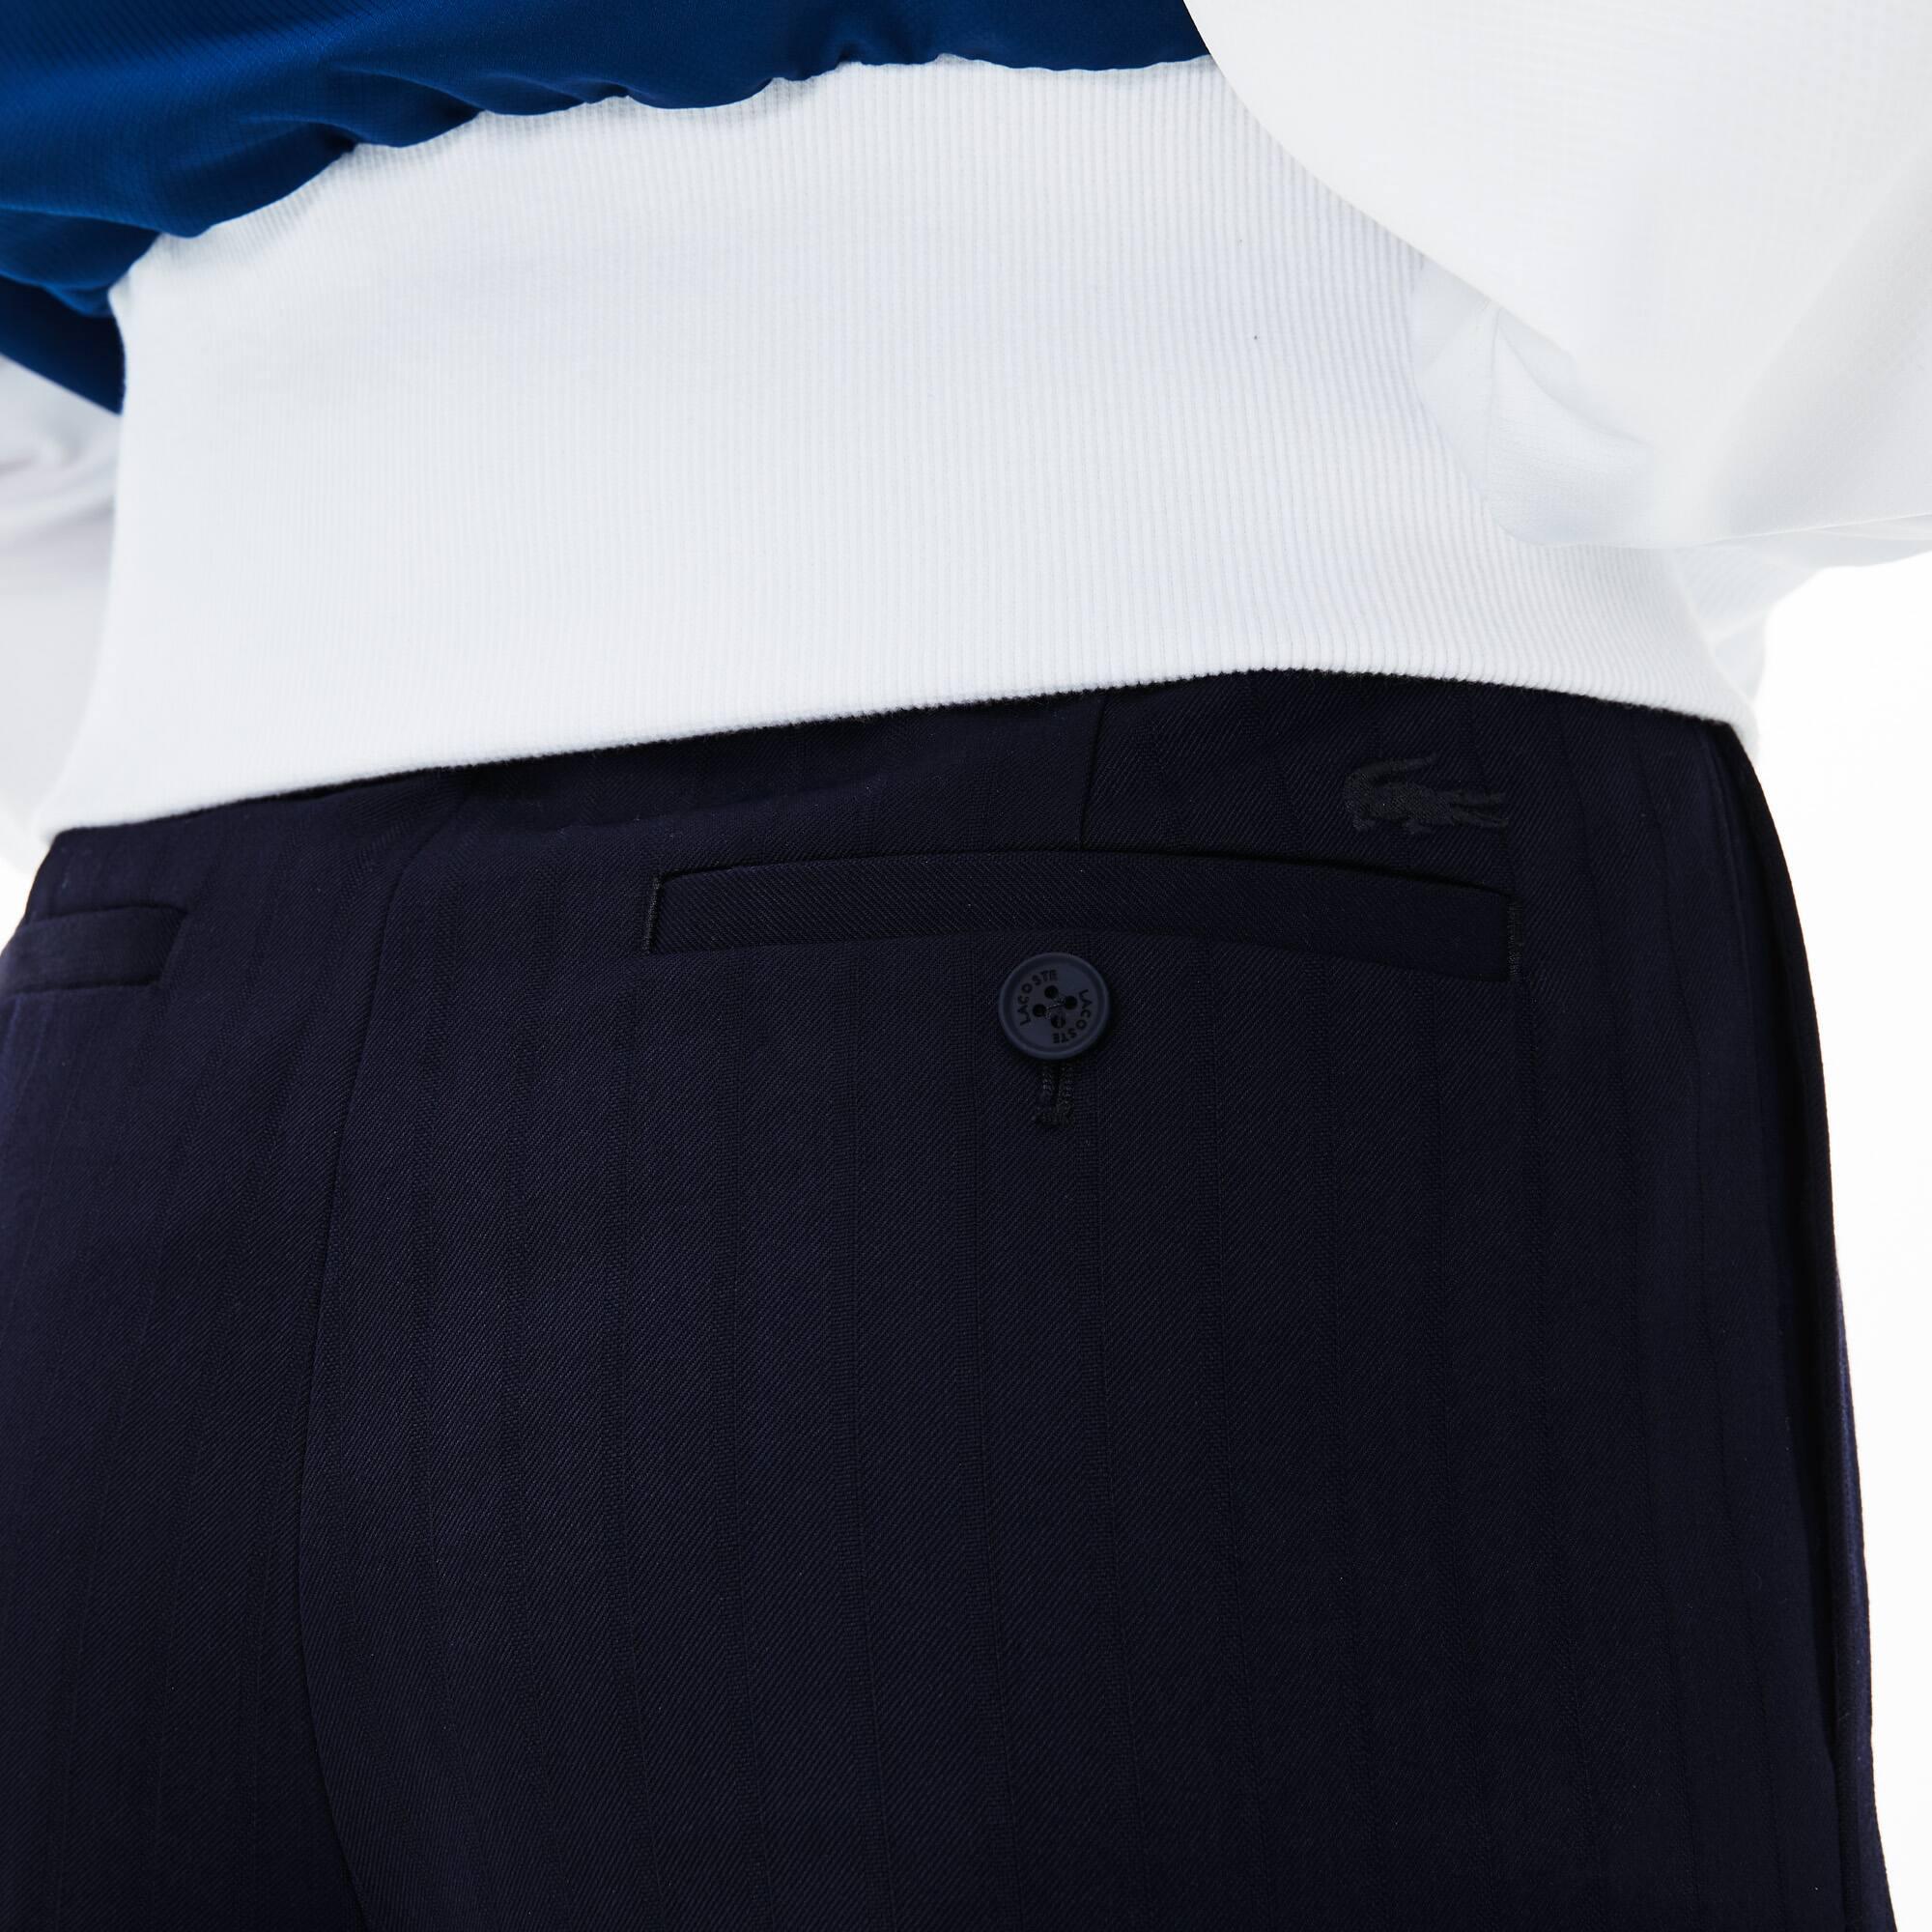 Pantalon En Seersucker De À Fit Coton Slim Cigarette CarreauxLacoste m0n8wvN